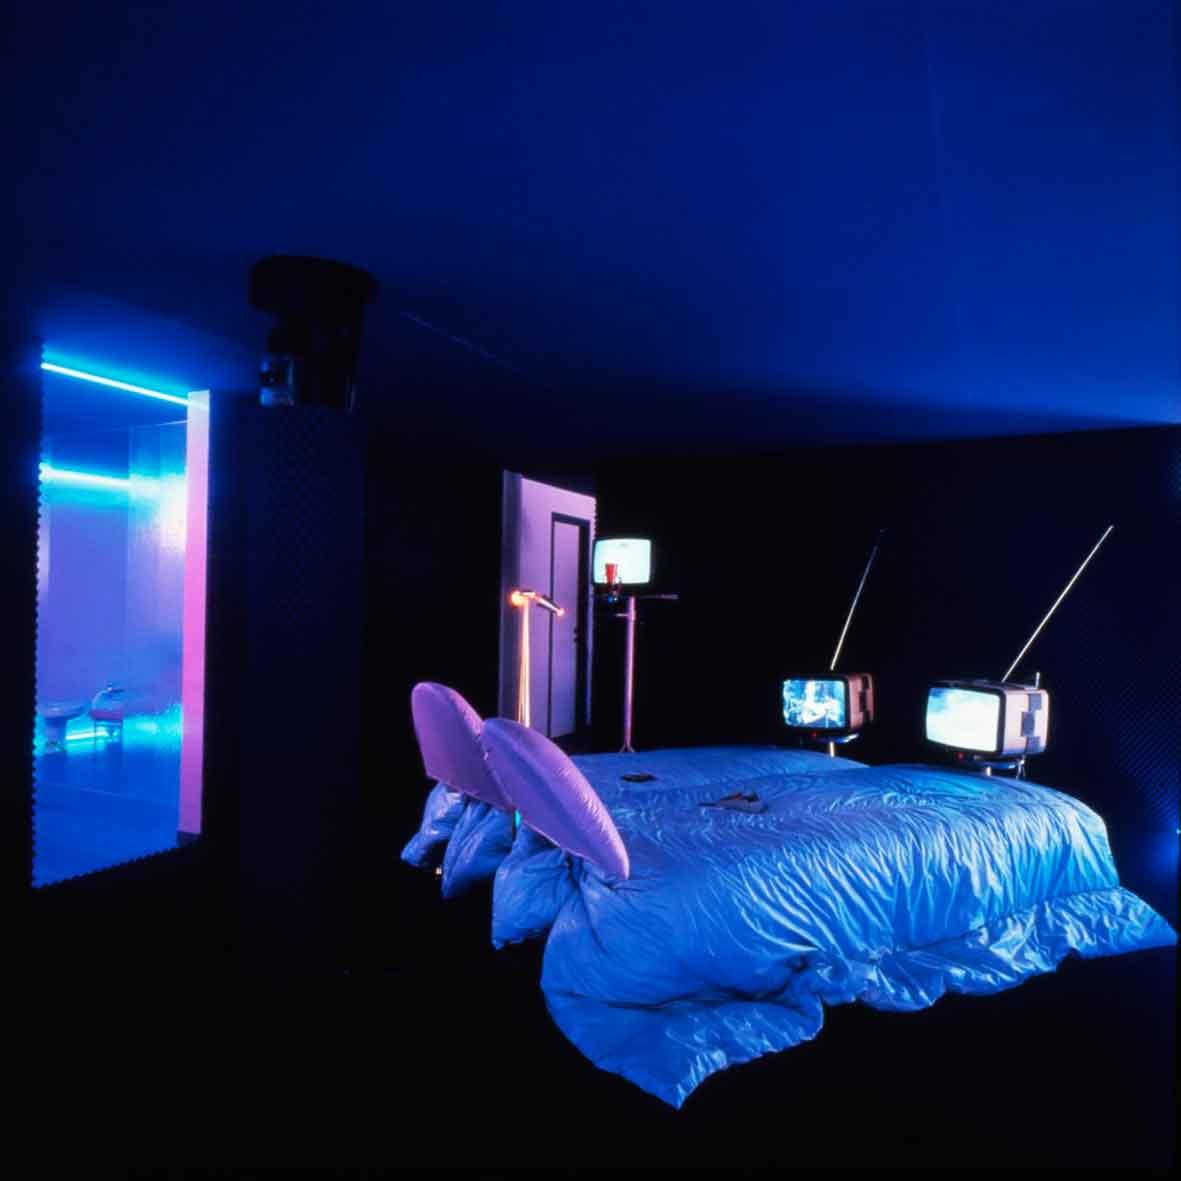 Ugo La Pietra (con Gianfranco Bettetini e Aldo Grasso), «La Casa telematica: toeletta e camera da letto», installazione, Fiera di Milano, 1983. Archivio Ugo La Pietra.